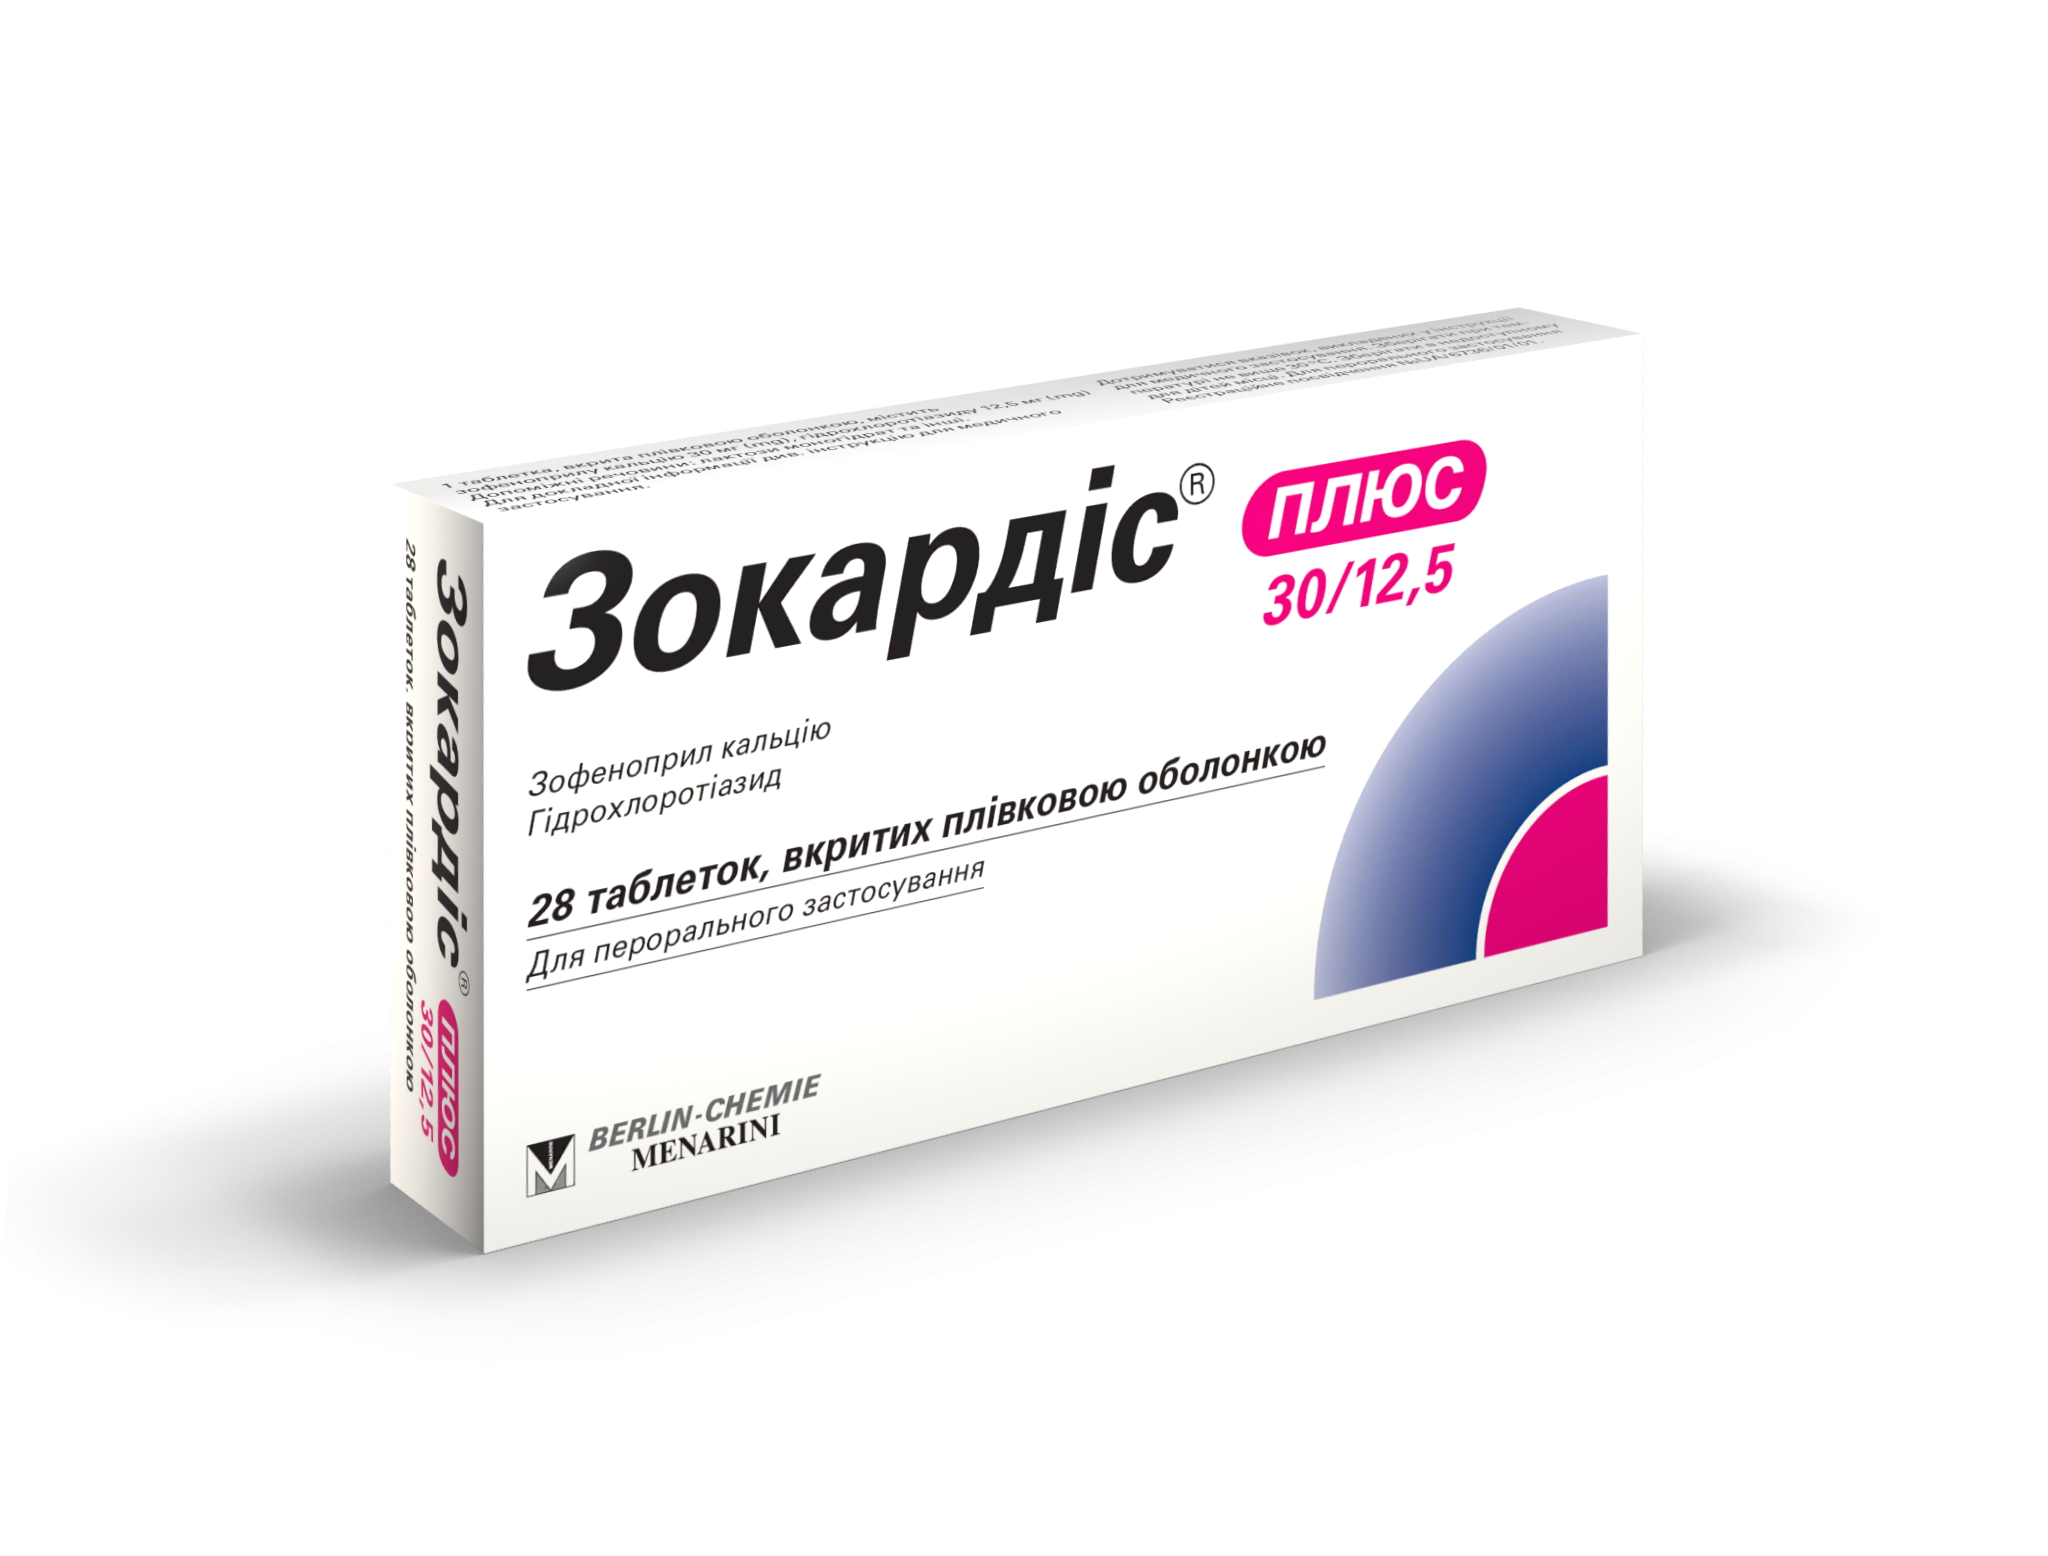 Зокардис Плюс 30/12.5 мг №28 таблетки_600616db5fe8e.png